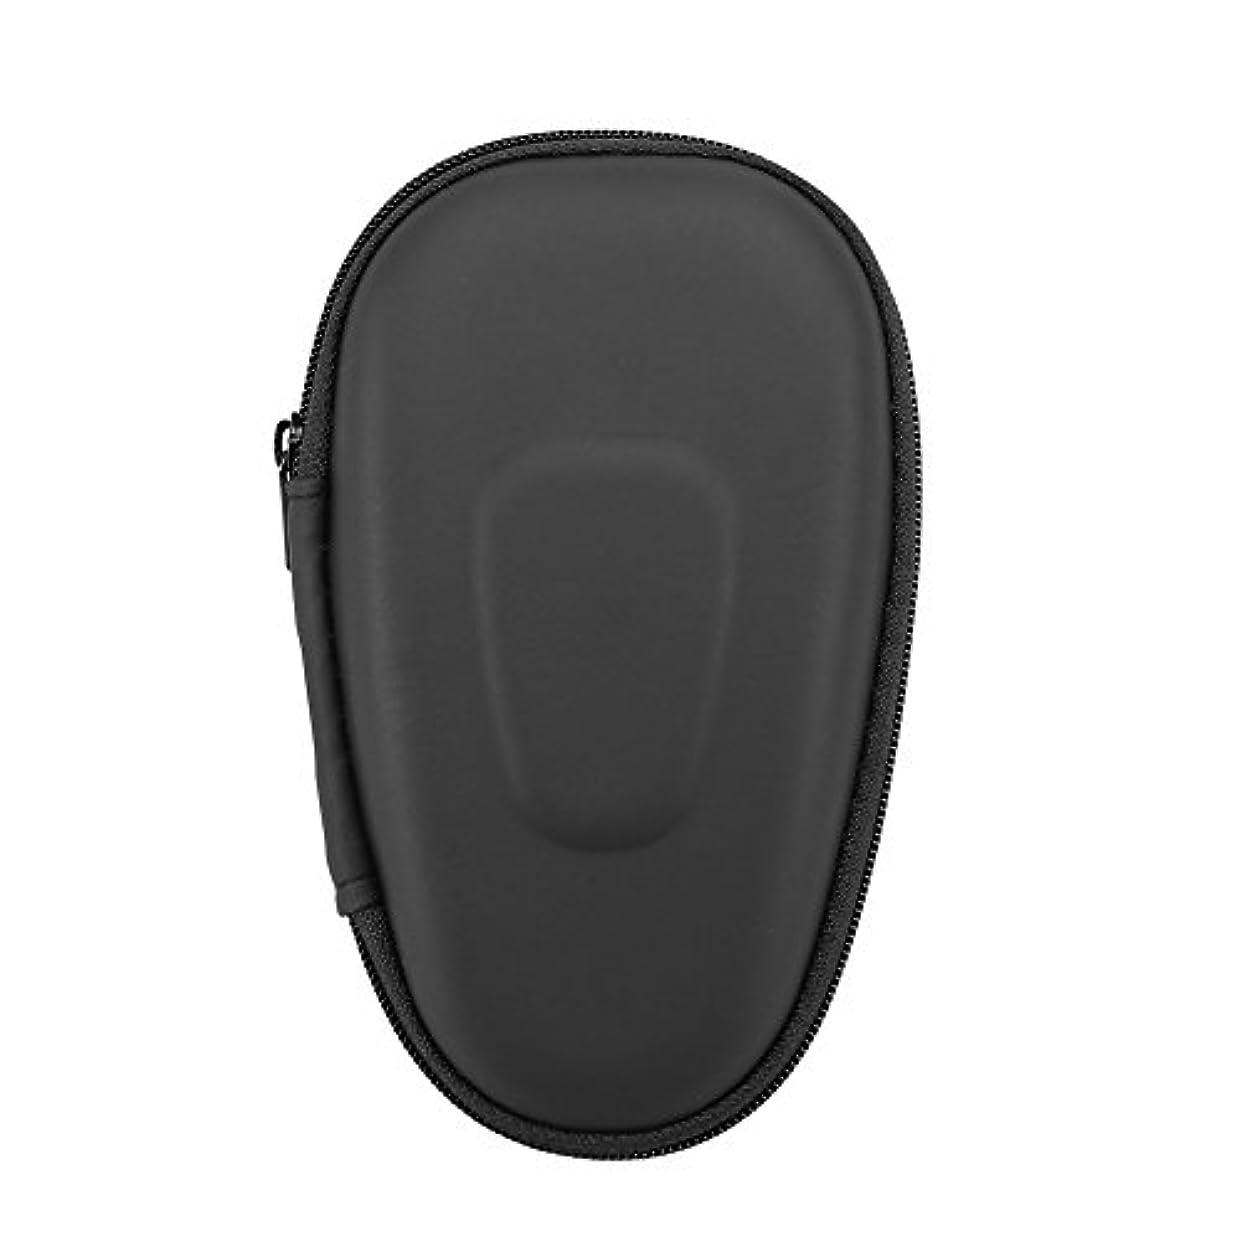 アラスカローマ人専門用語シェーバー収納用ケース、保護用持ち運び用ダブルブレード電動シェーバーハードEVAキャリーバッグ(ブラック)